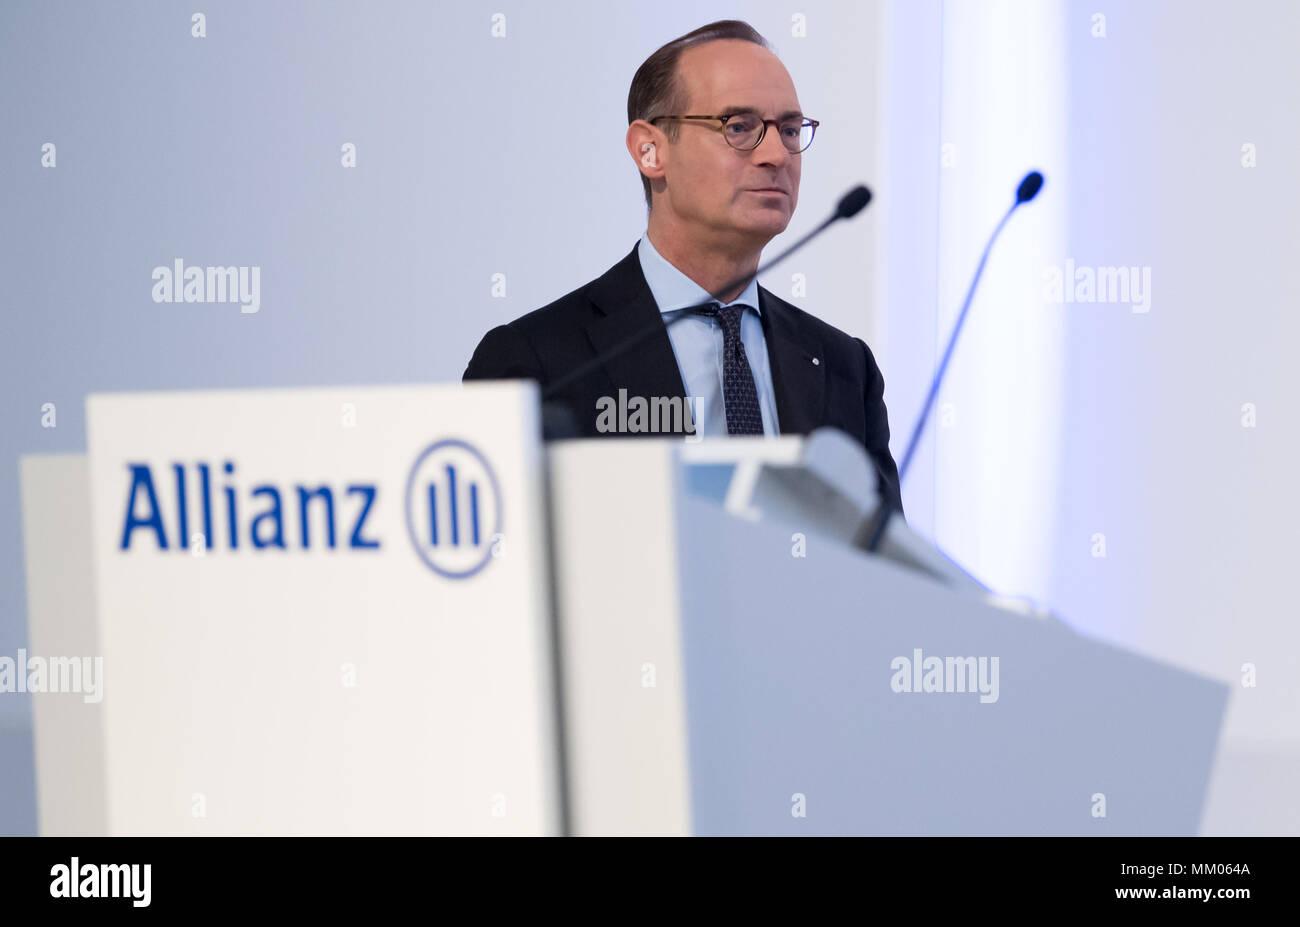 09 mai 2018, l'Allemagne, Munich: directeur général de la compagnie d'assurance Allianz SE, Oliver Baete, monter sur la scène avant le début de l'assemblée générale annuelle de la compagnie d'assurance Allianz. Photo: Sven Hoppe/dpa Banque D'Images